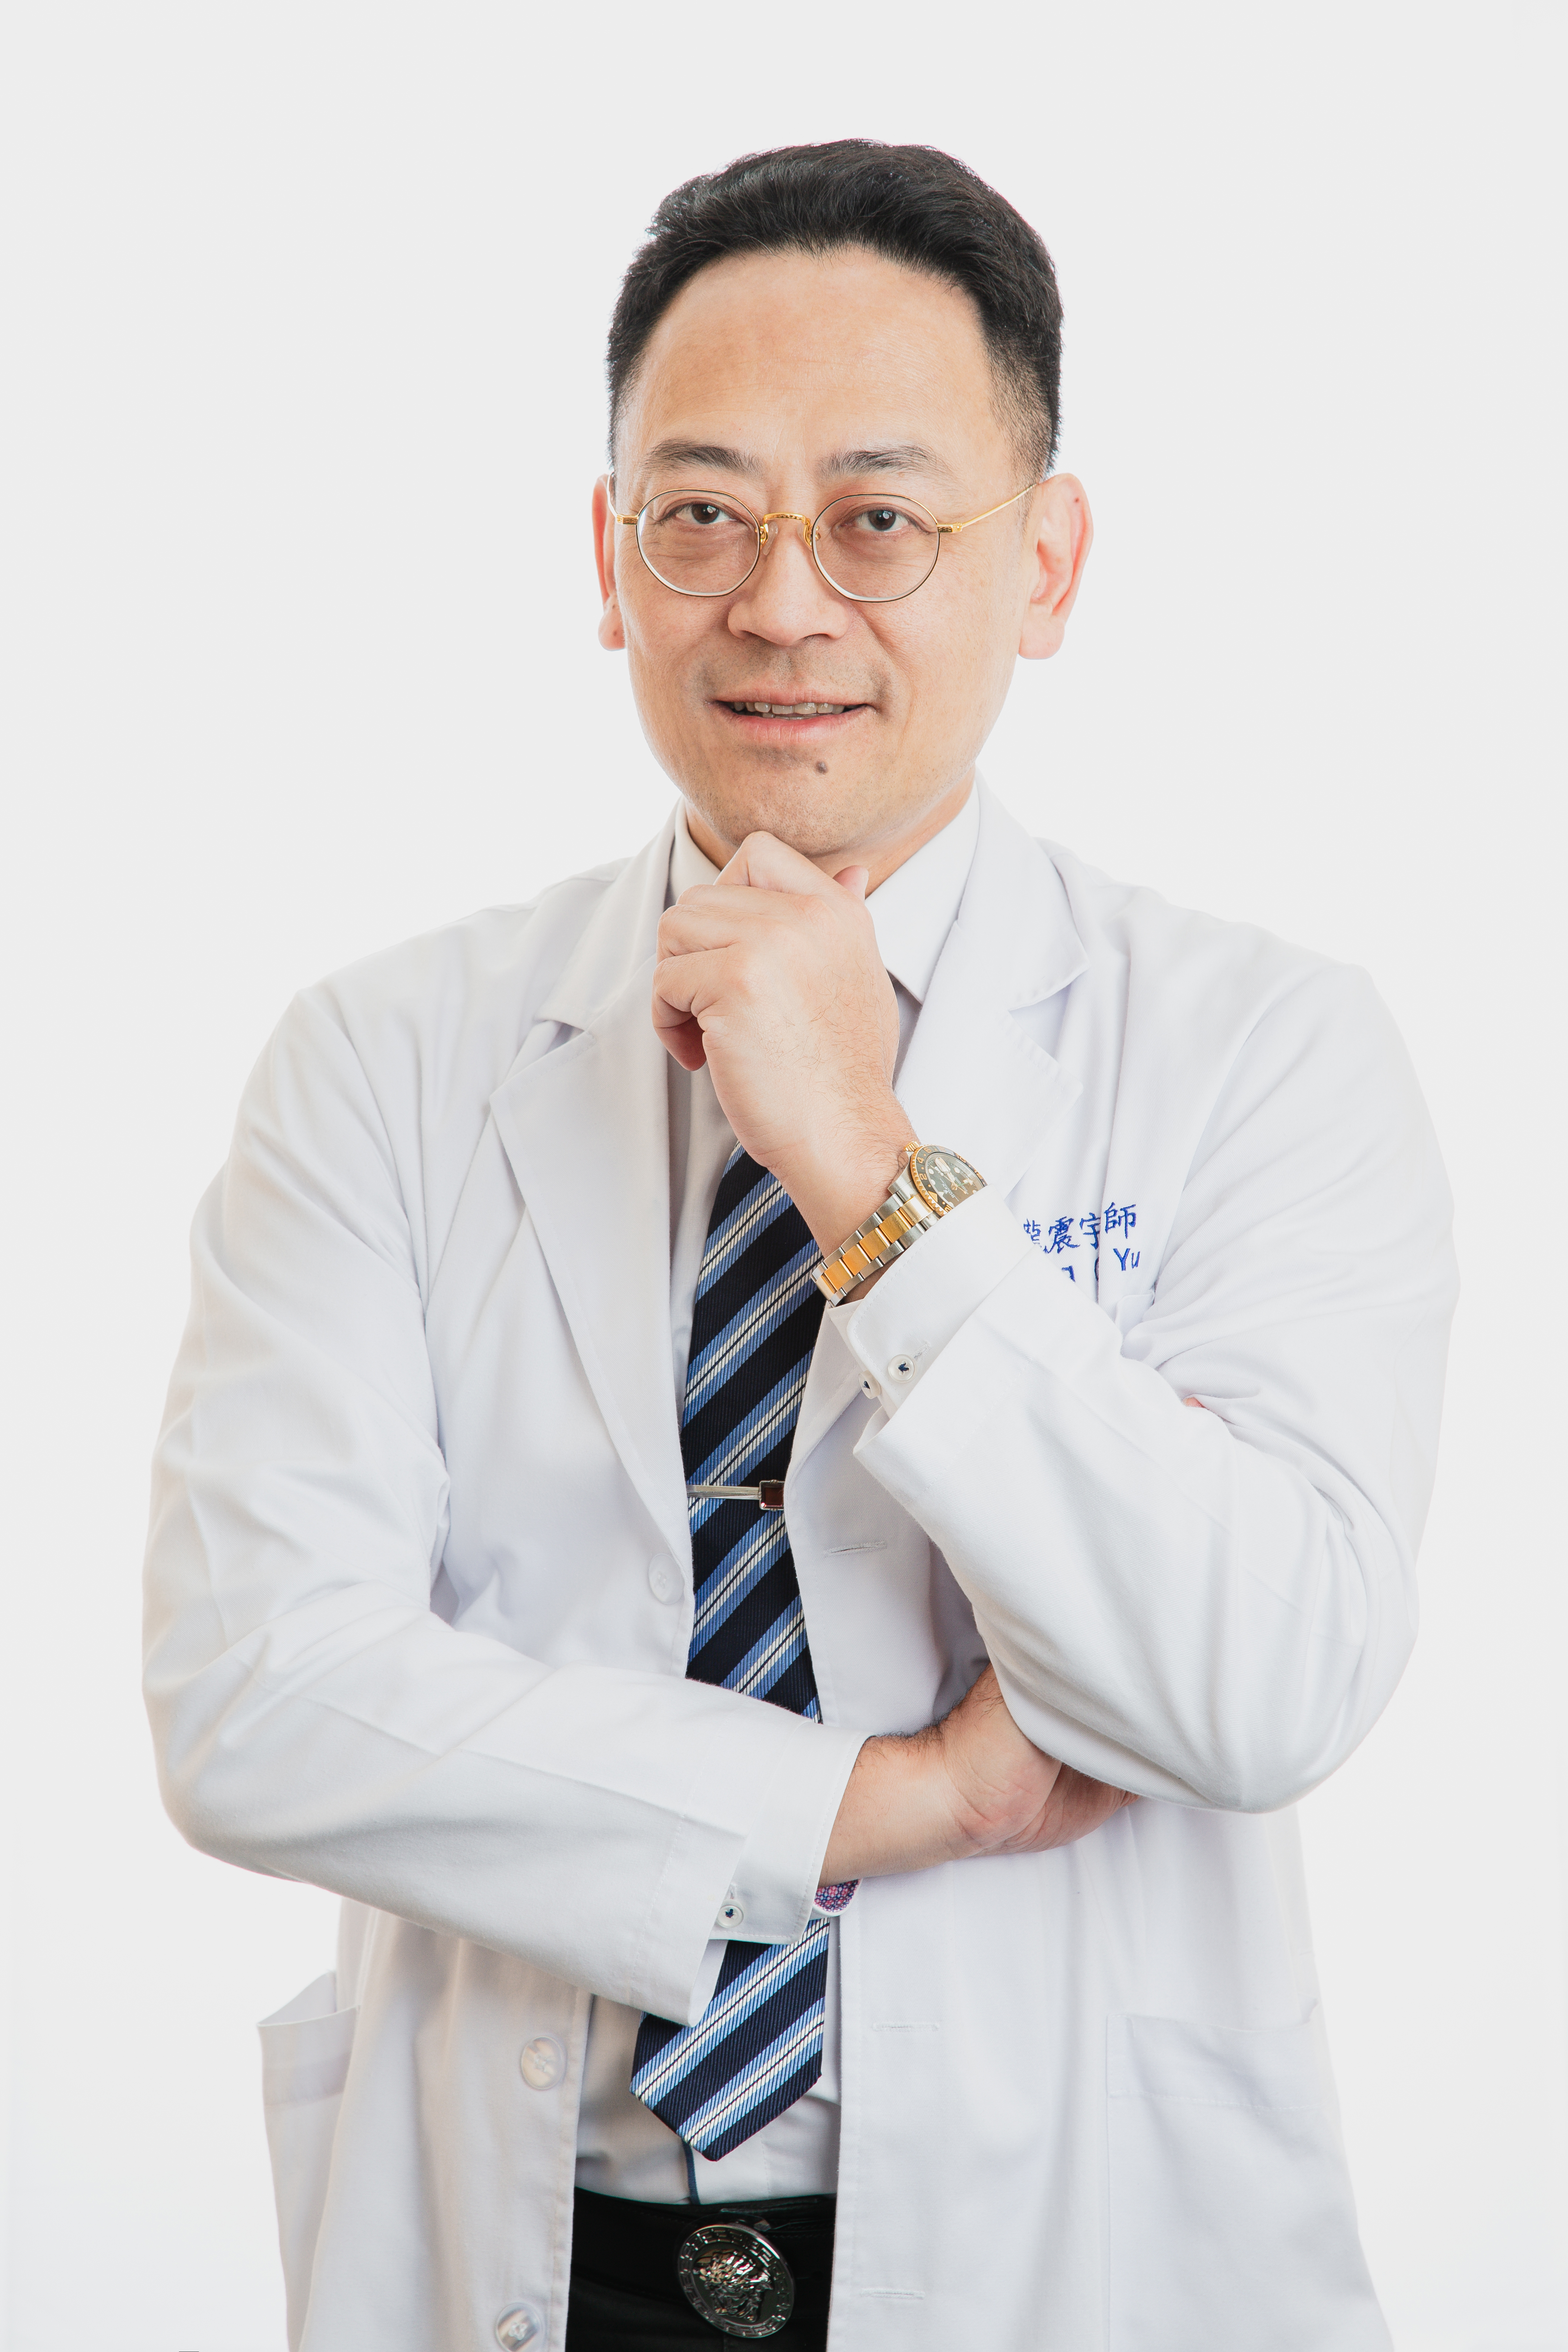 龍震宇醫師個人照